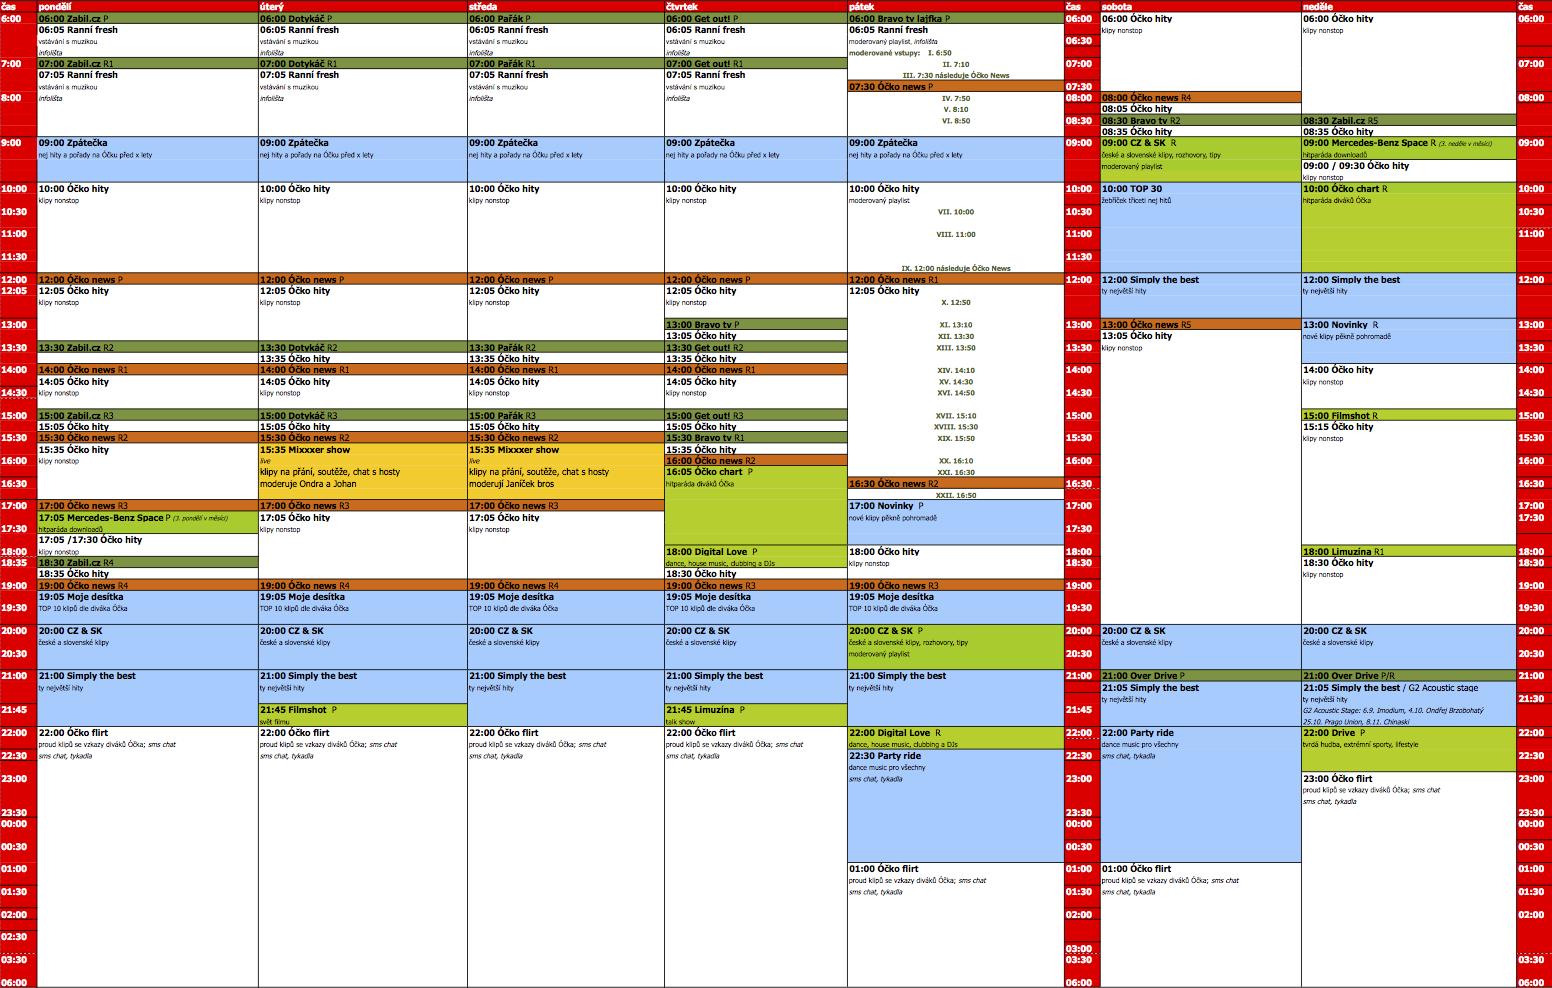 Programové schéma televize Óčko na podzim 2015. Kliknutím zvětšíte